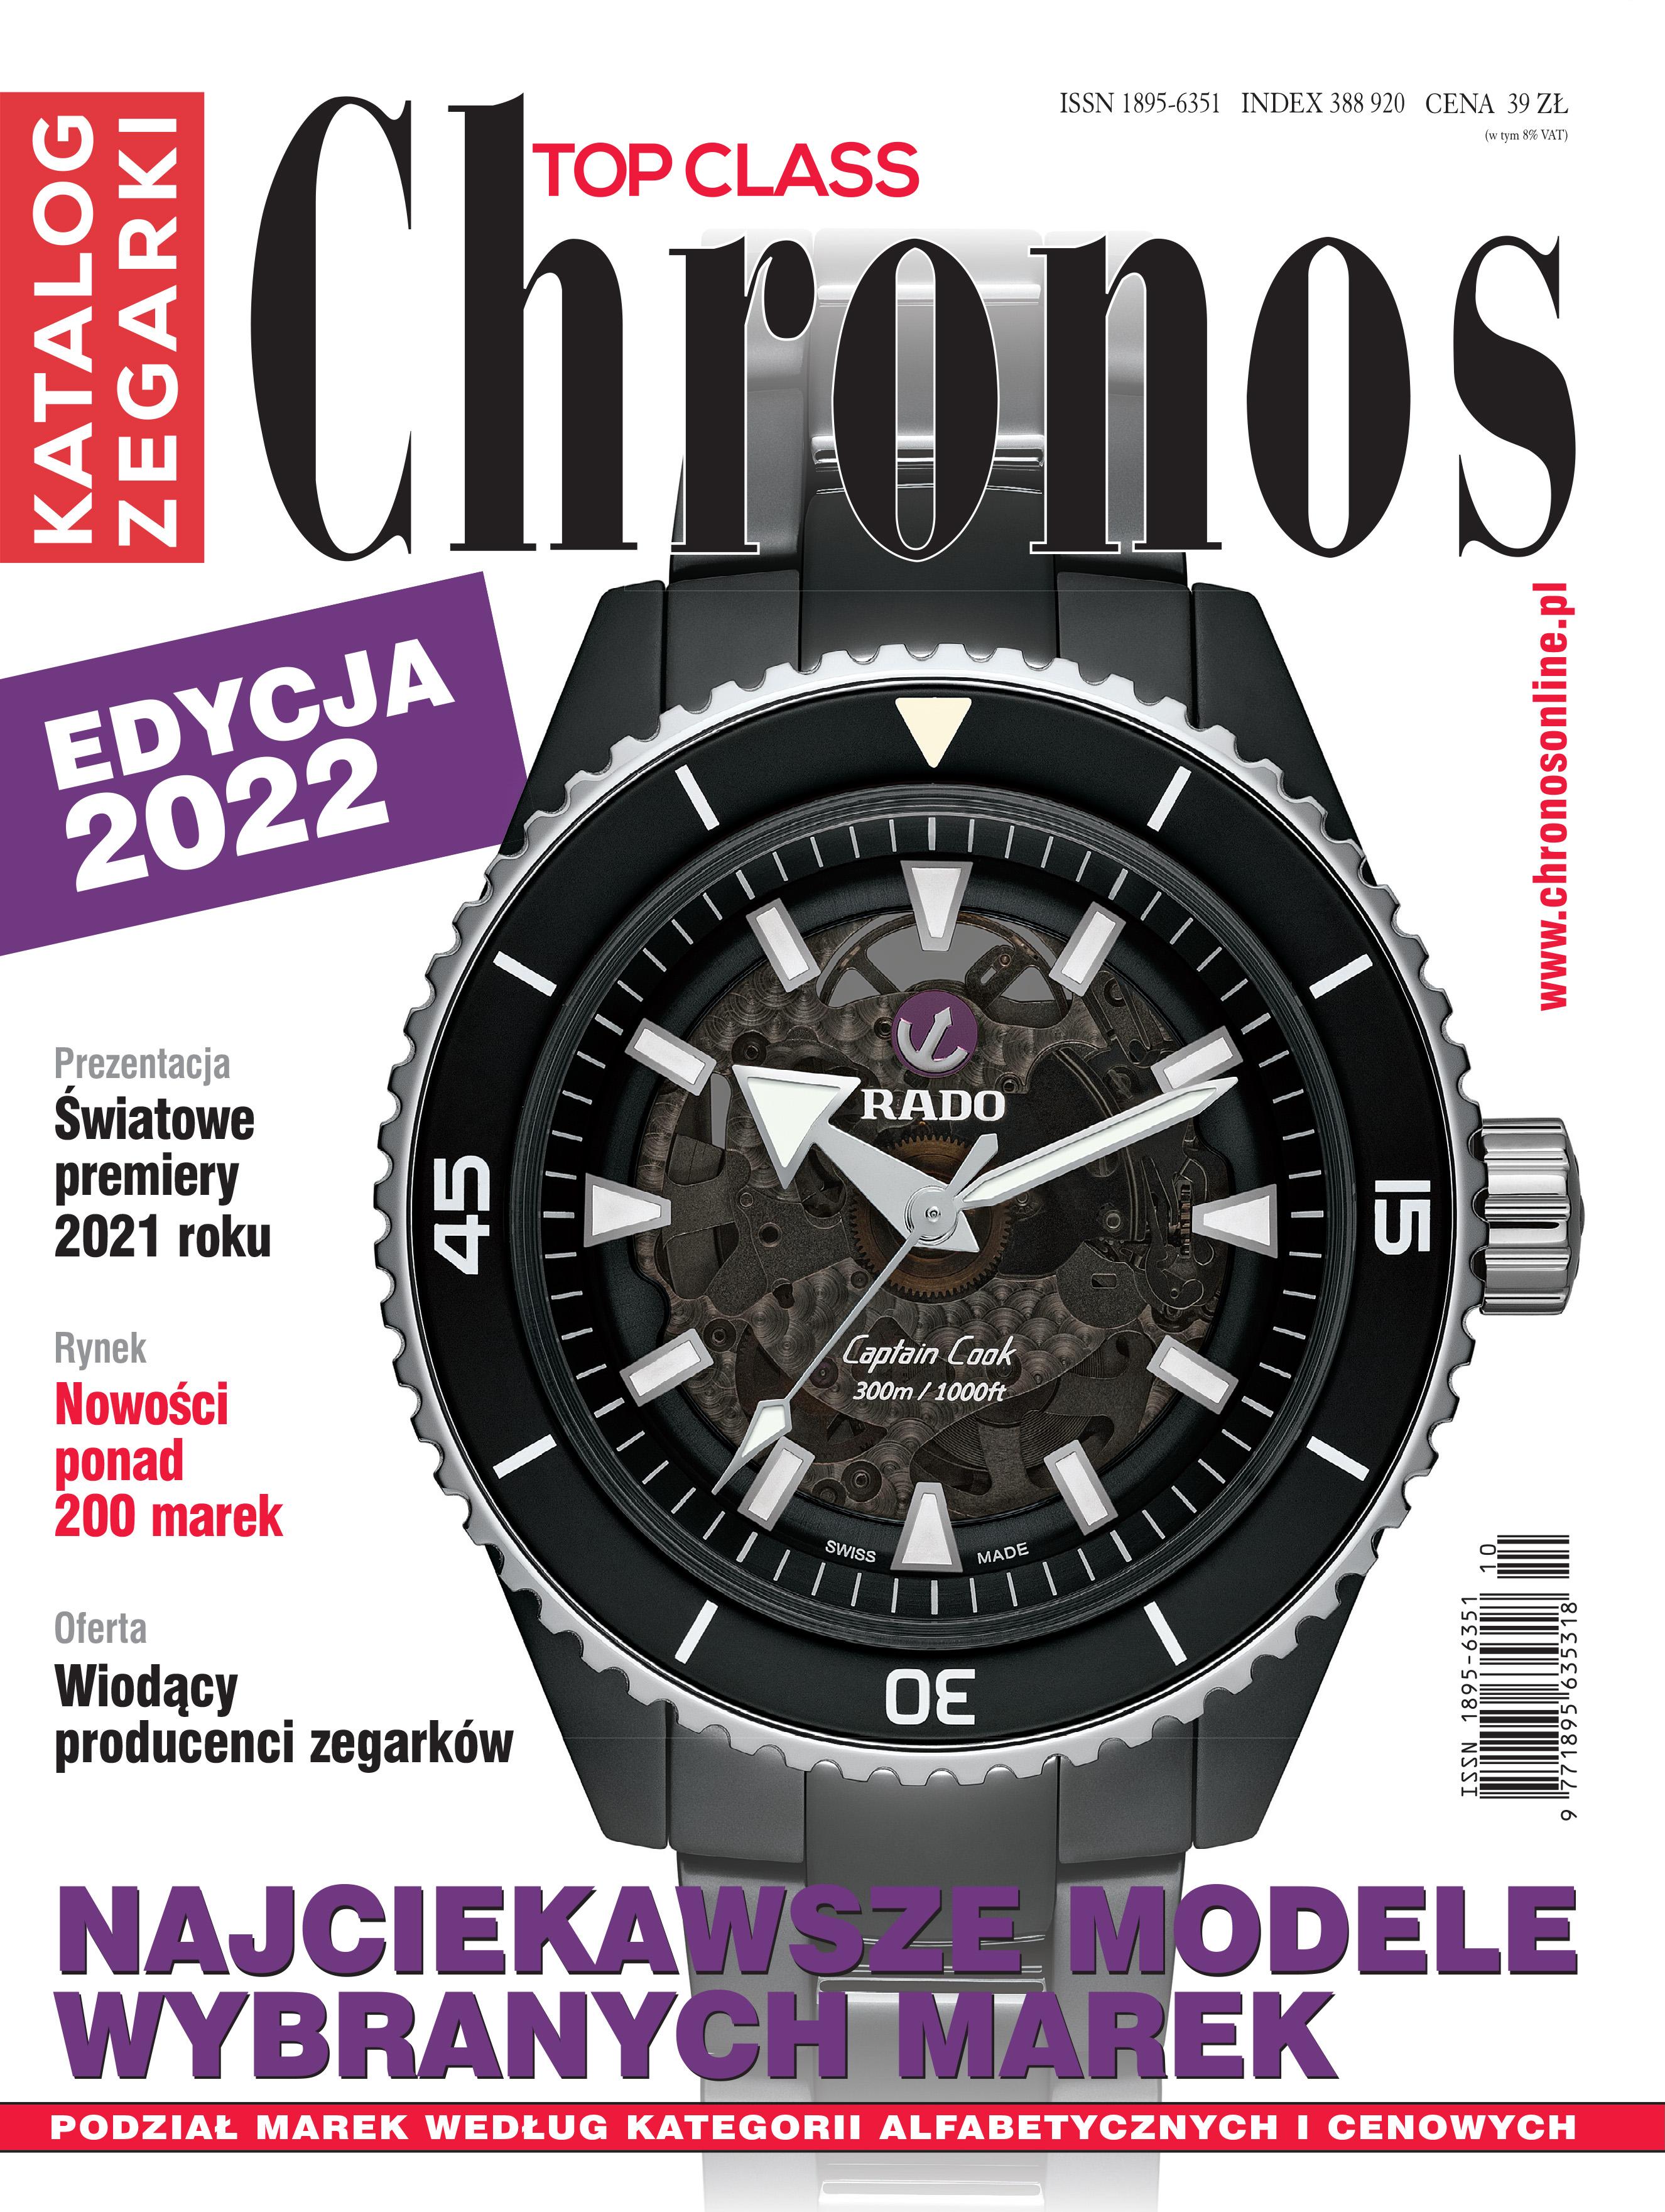 Nowe wydanie - Chronos Kalaog edycja 2022